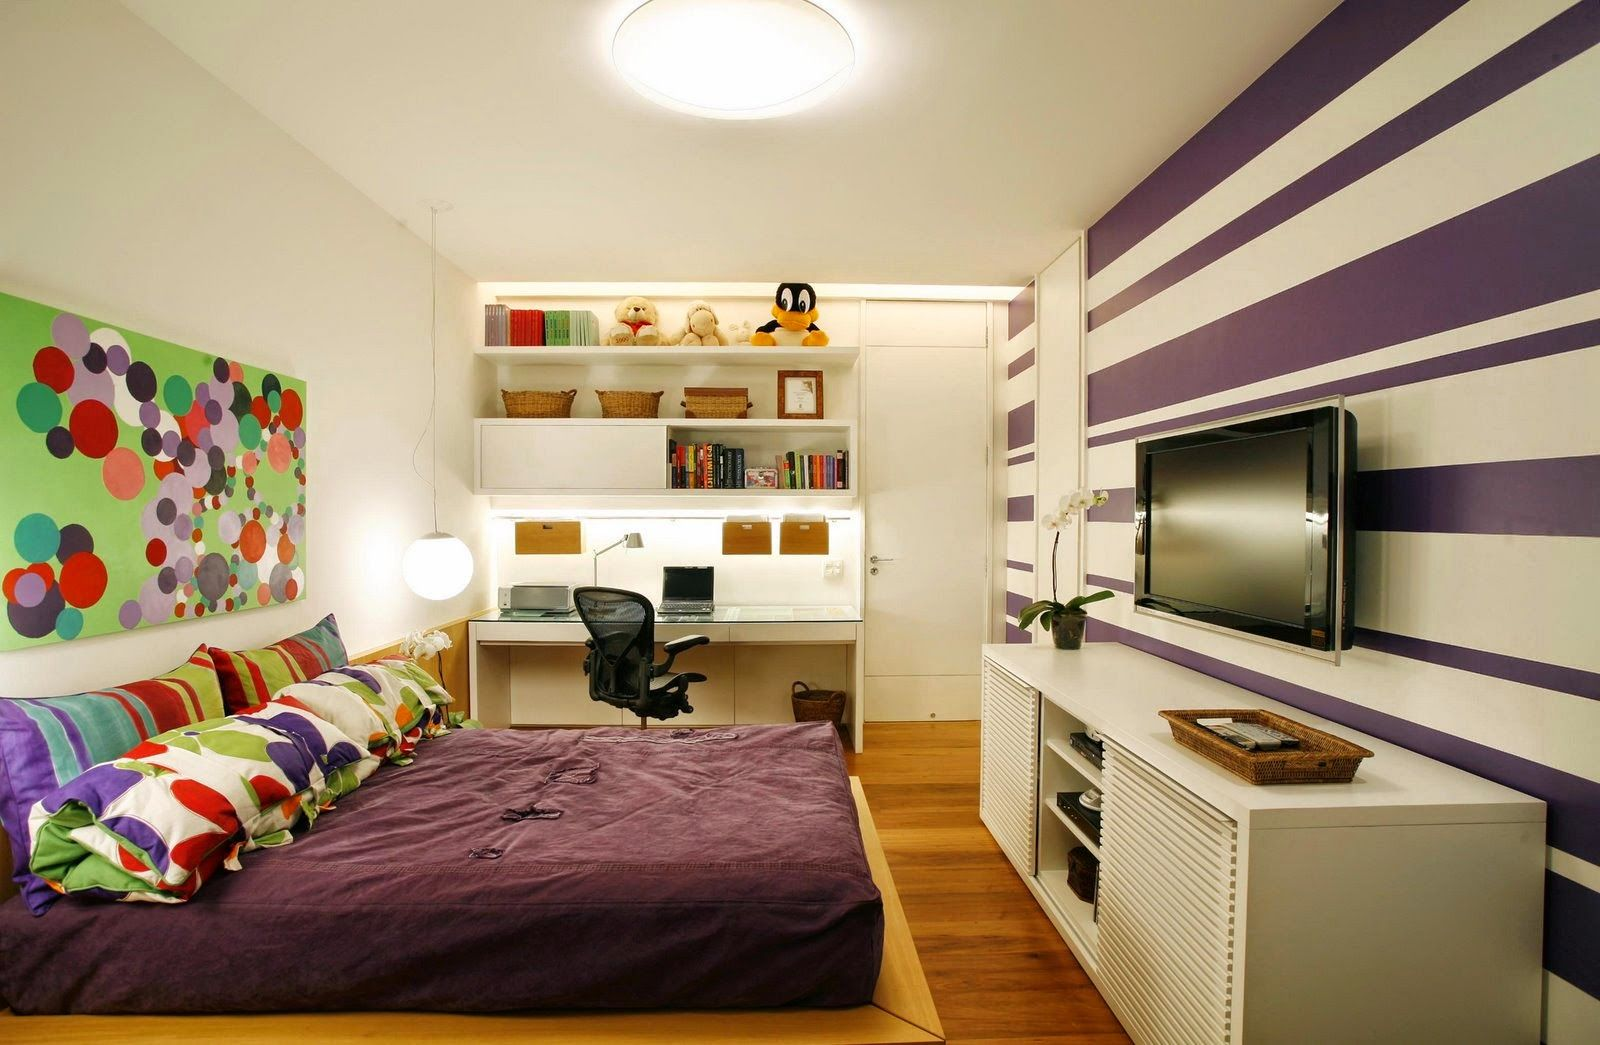 Dormitorios con escritorios funcionales para estudiantes - Diseno dormitorio ...